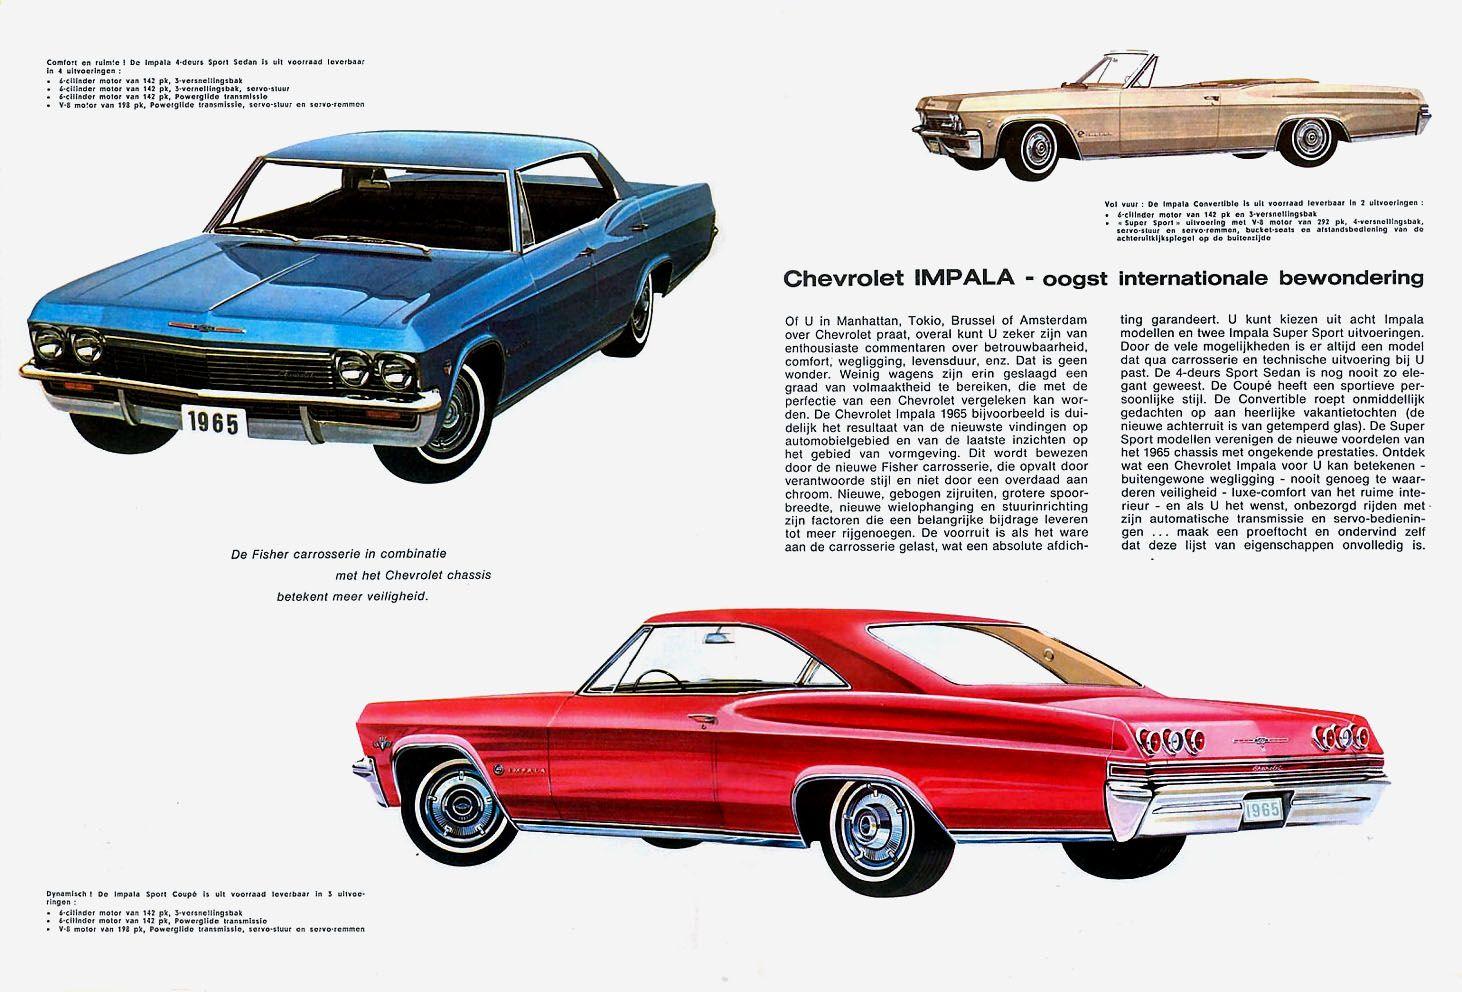 1965 Chevrolet Impala Ad My 1965 Impala S 1965 Chevy